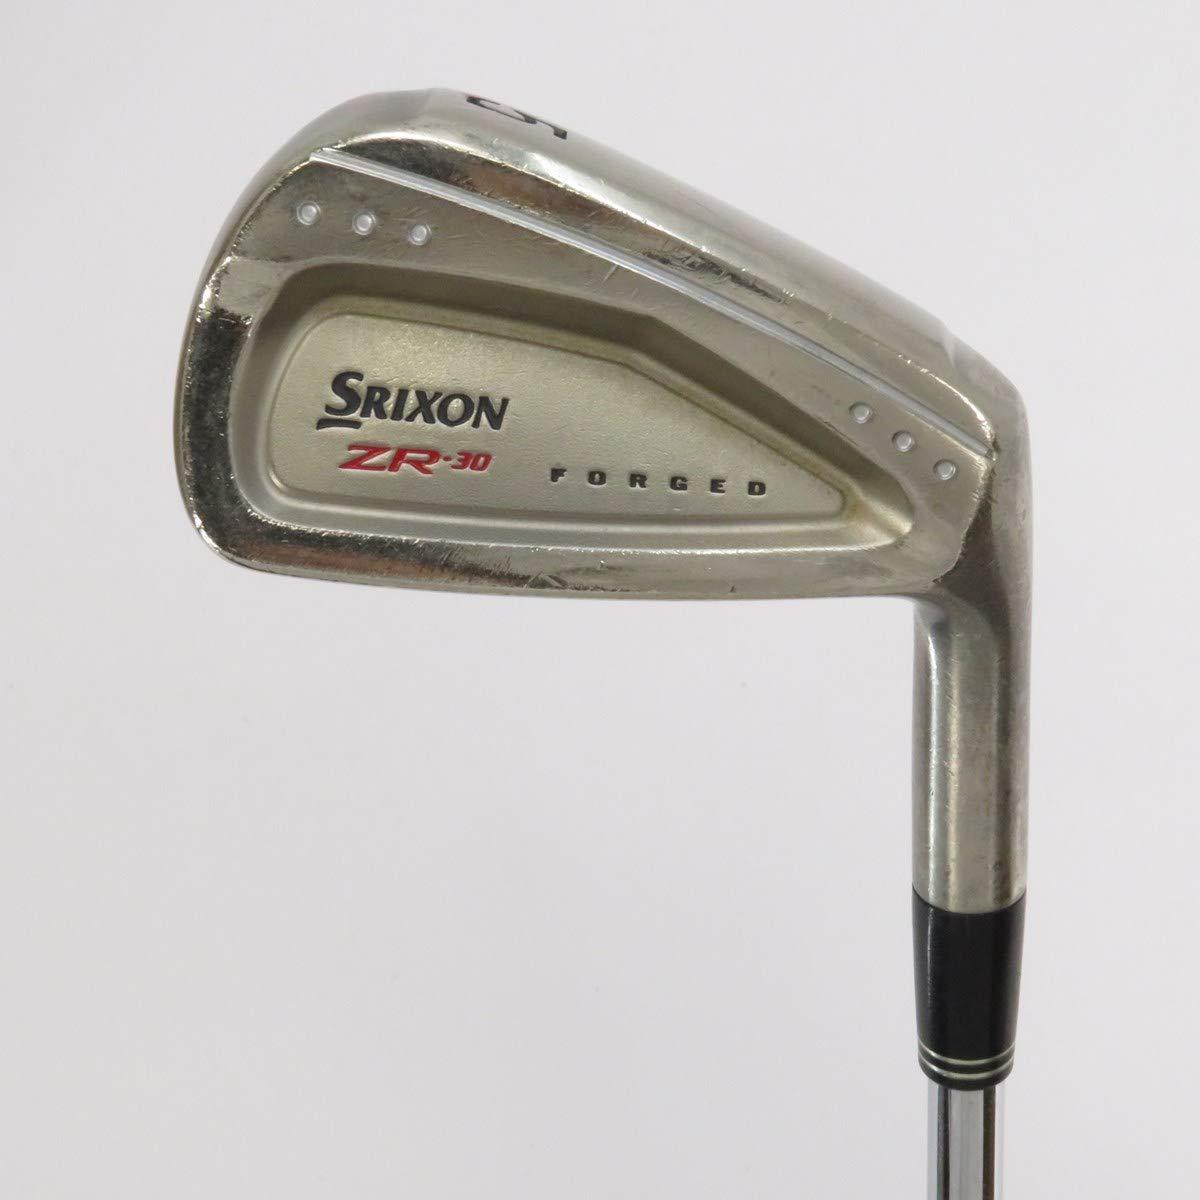 【中古】ダンロップ SRIXON スリクソン ZR-30 アイアン Dynamic Gold B07PFD5GX3  S200